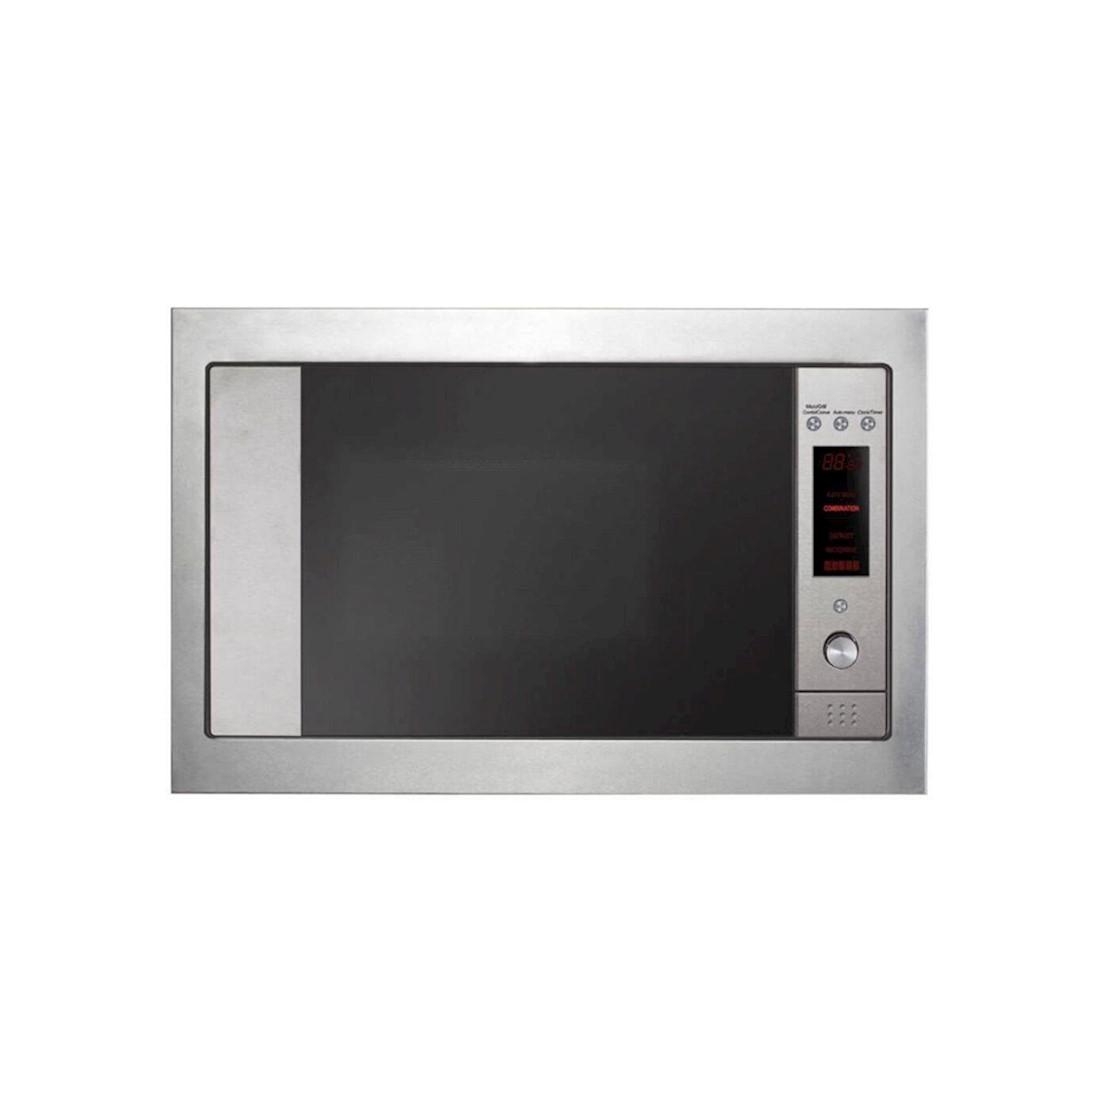 Forno Micro-ondas Cuisinart Casual  com Grill Elétrico Inox 55cm 31 Litros 220V